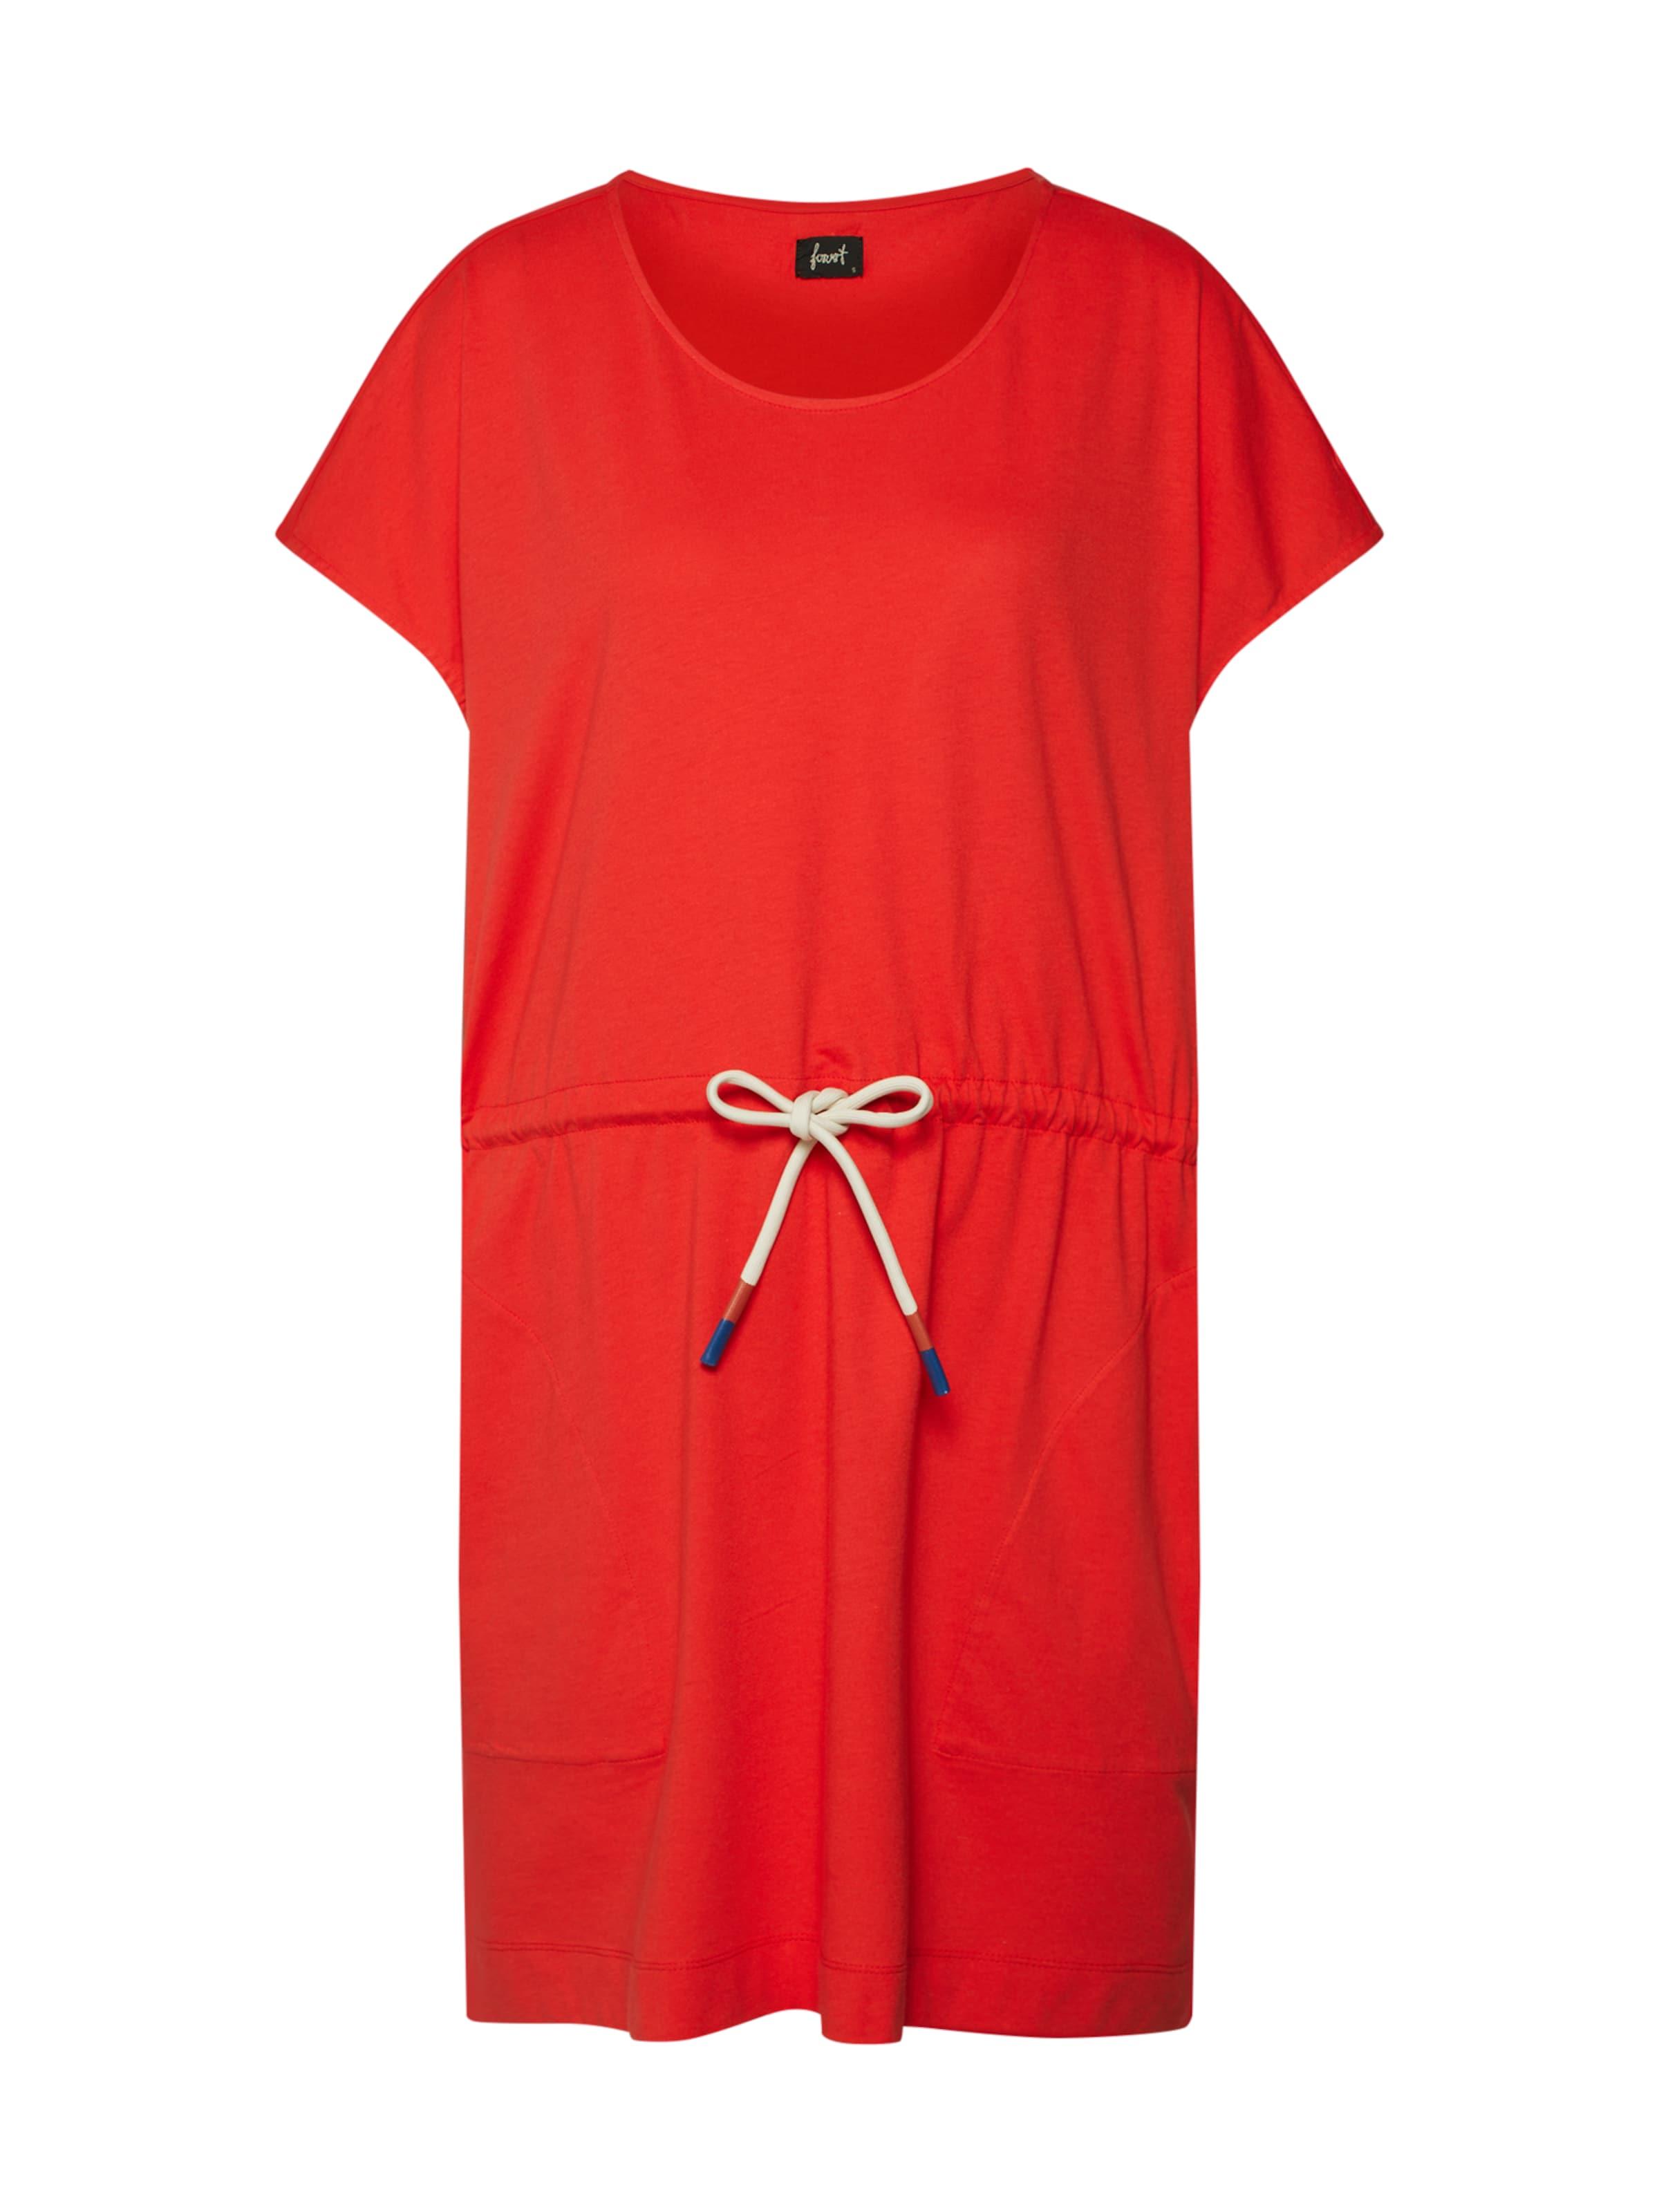 Forvert Forvert Rot In Kleid Kleid 'tapil' In Kleid 'tapil' 'tapil' Forvert Rot E2HIYeWD9